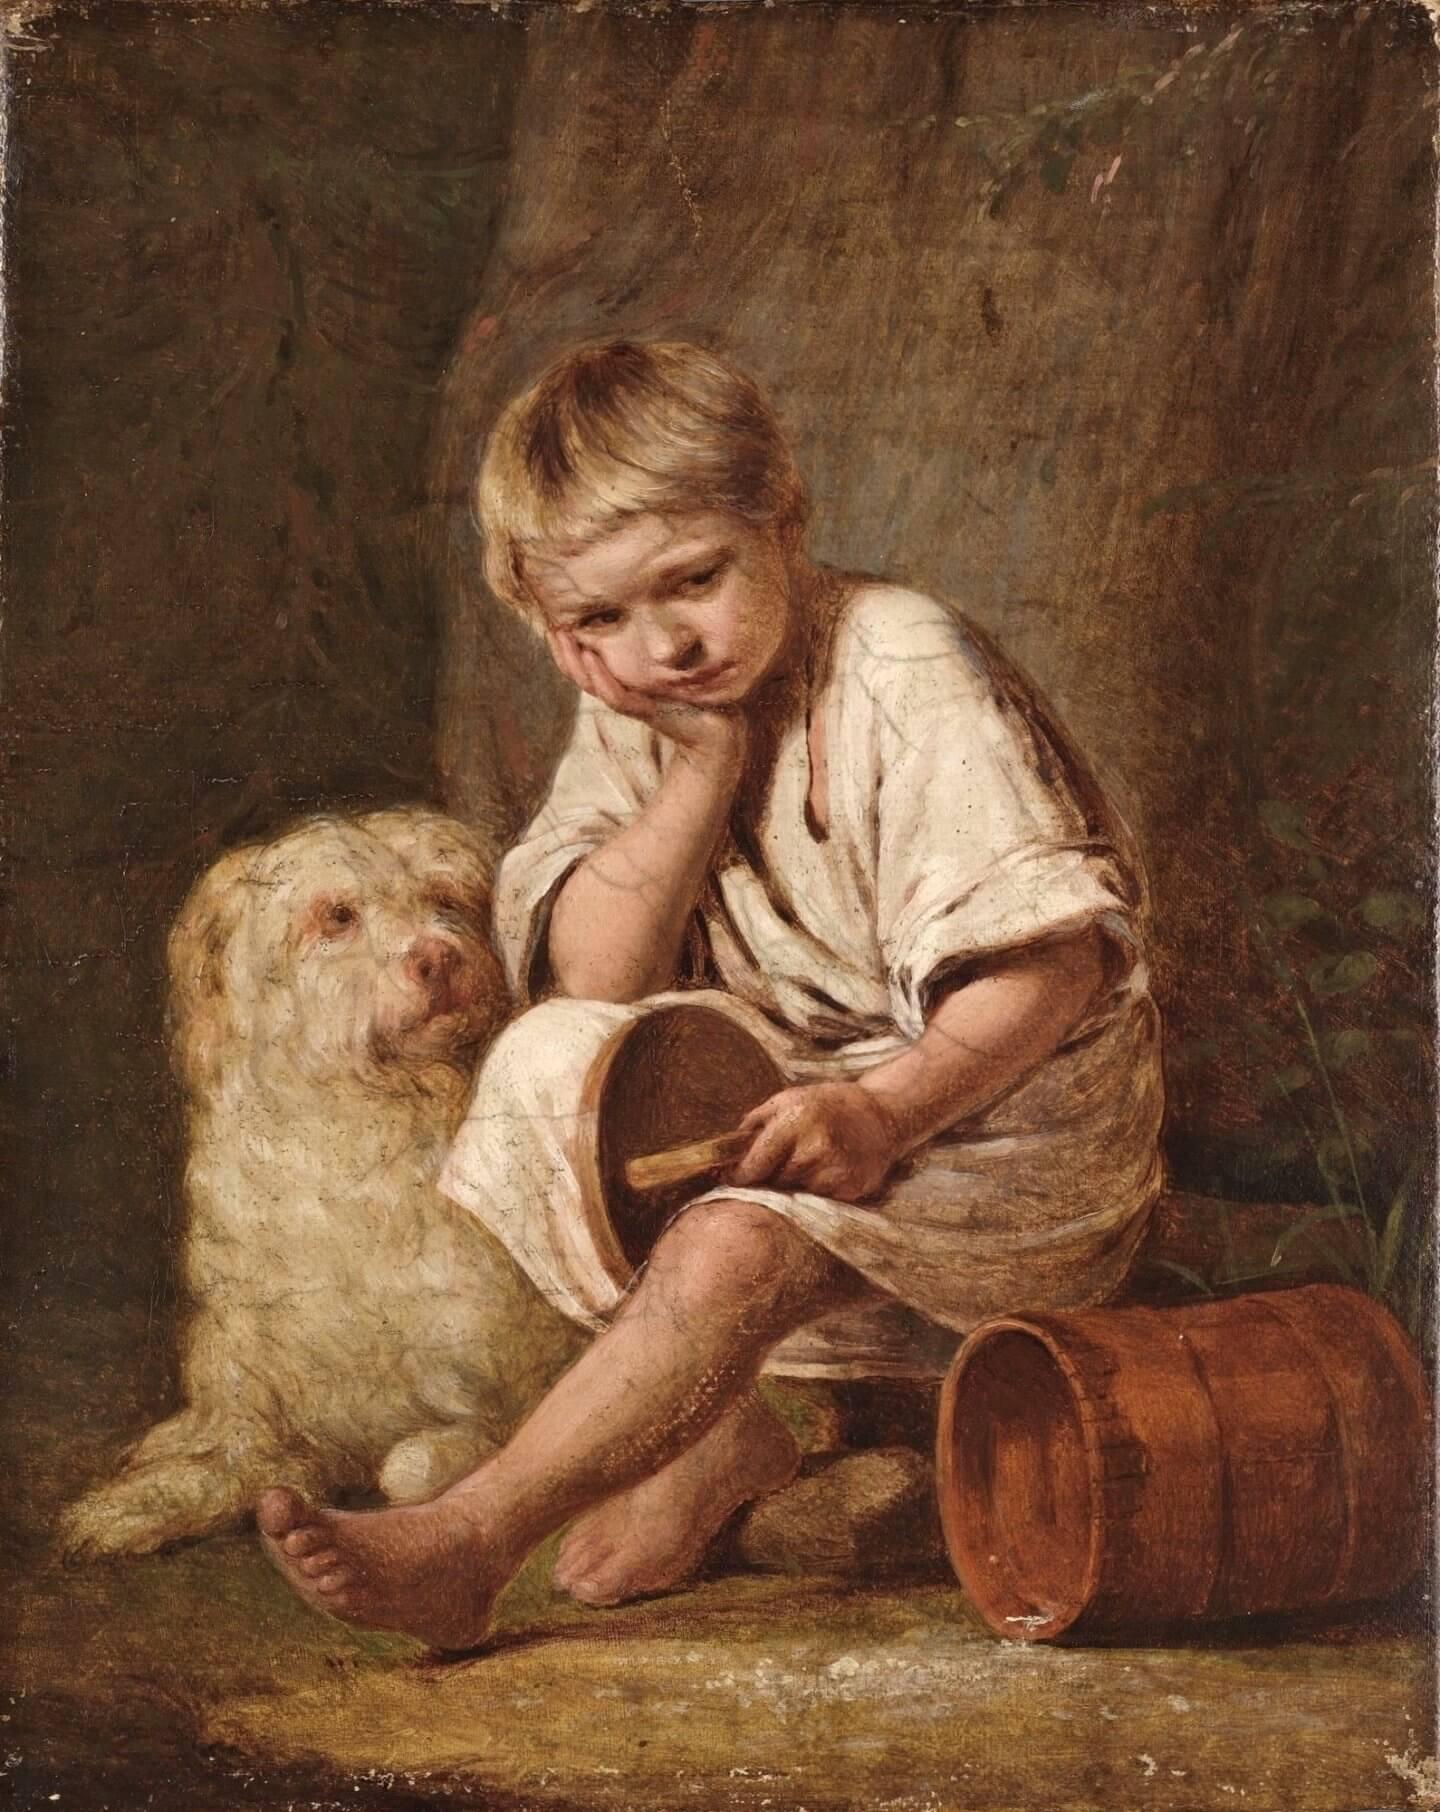 «Вот-те и батькин обед!», 1824 А.Г.Венецианов. Из коллекции Третьяковской галереи.